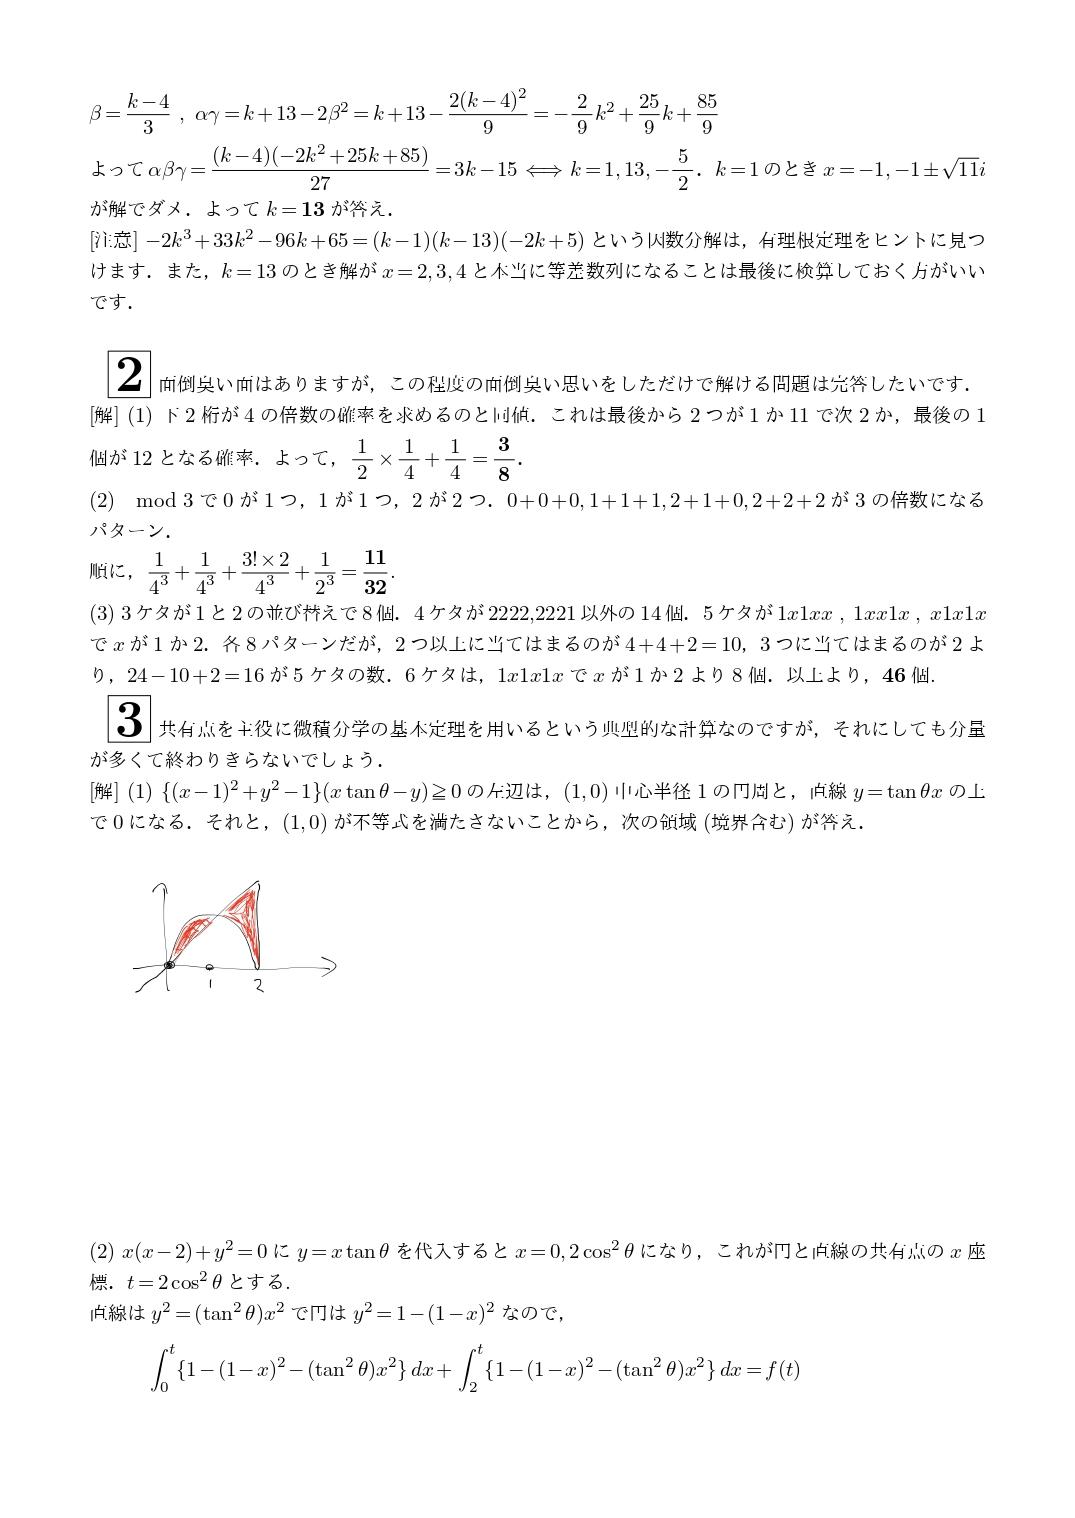 藤田医科大学(数学) 解答速報